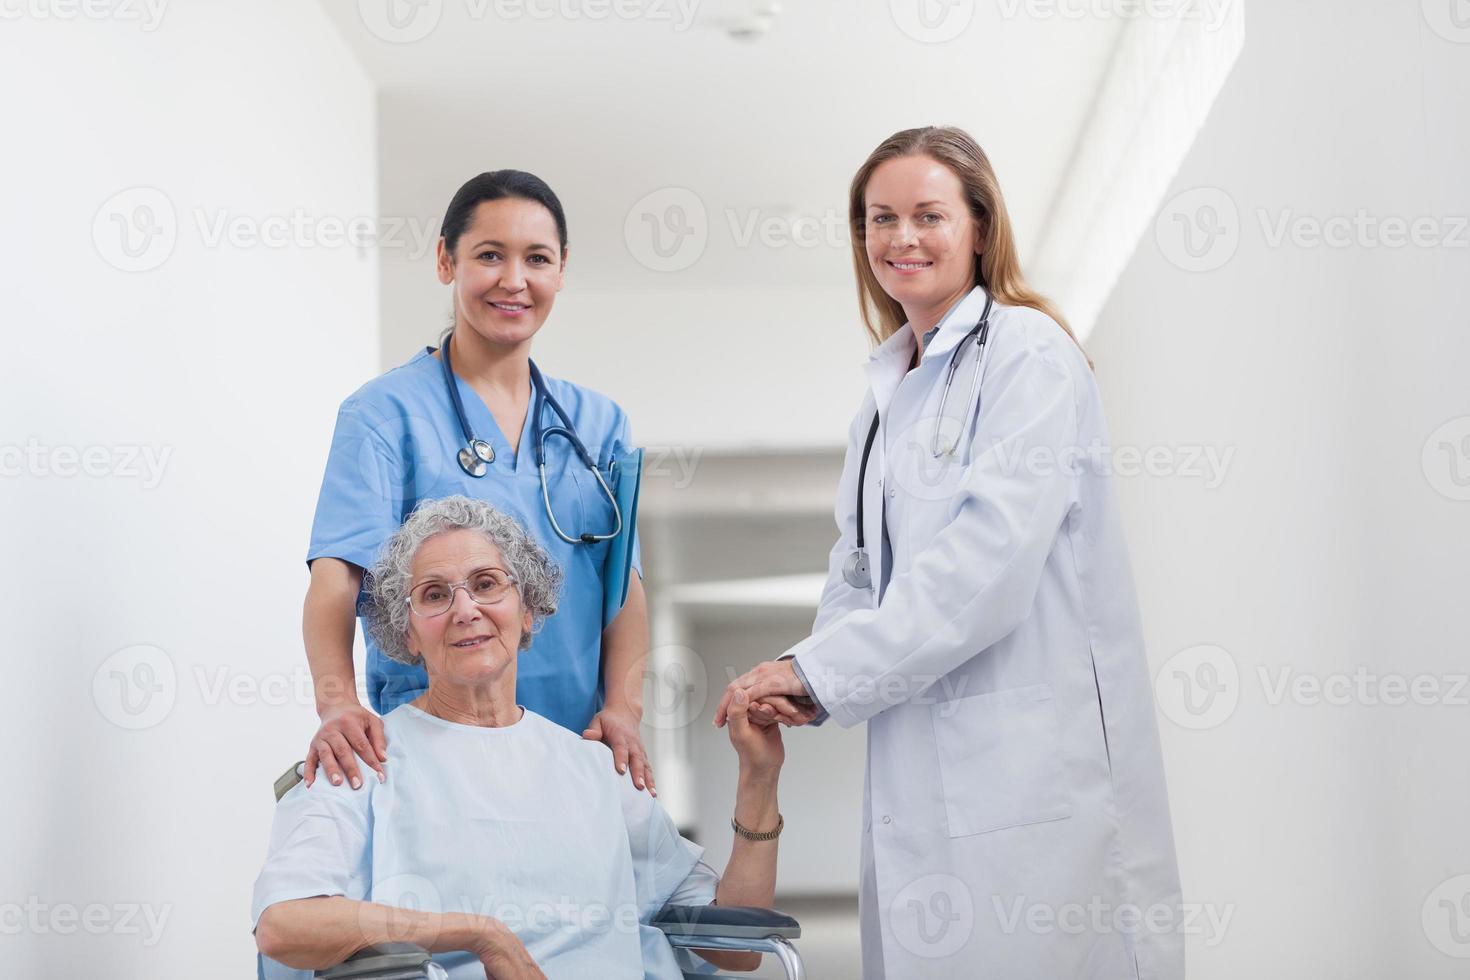 paciente en el pasillo de la mano de un médico foto